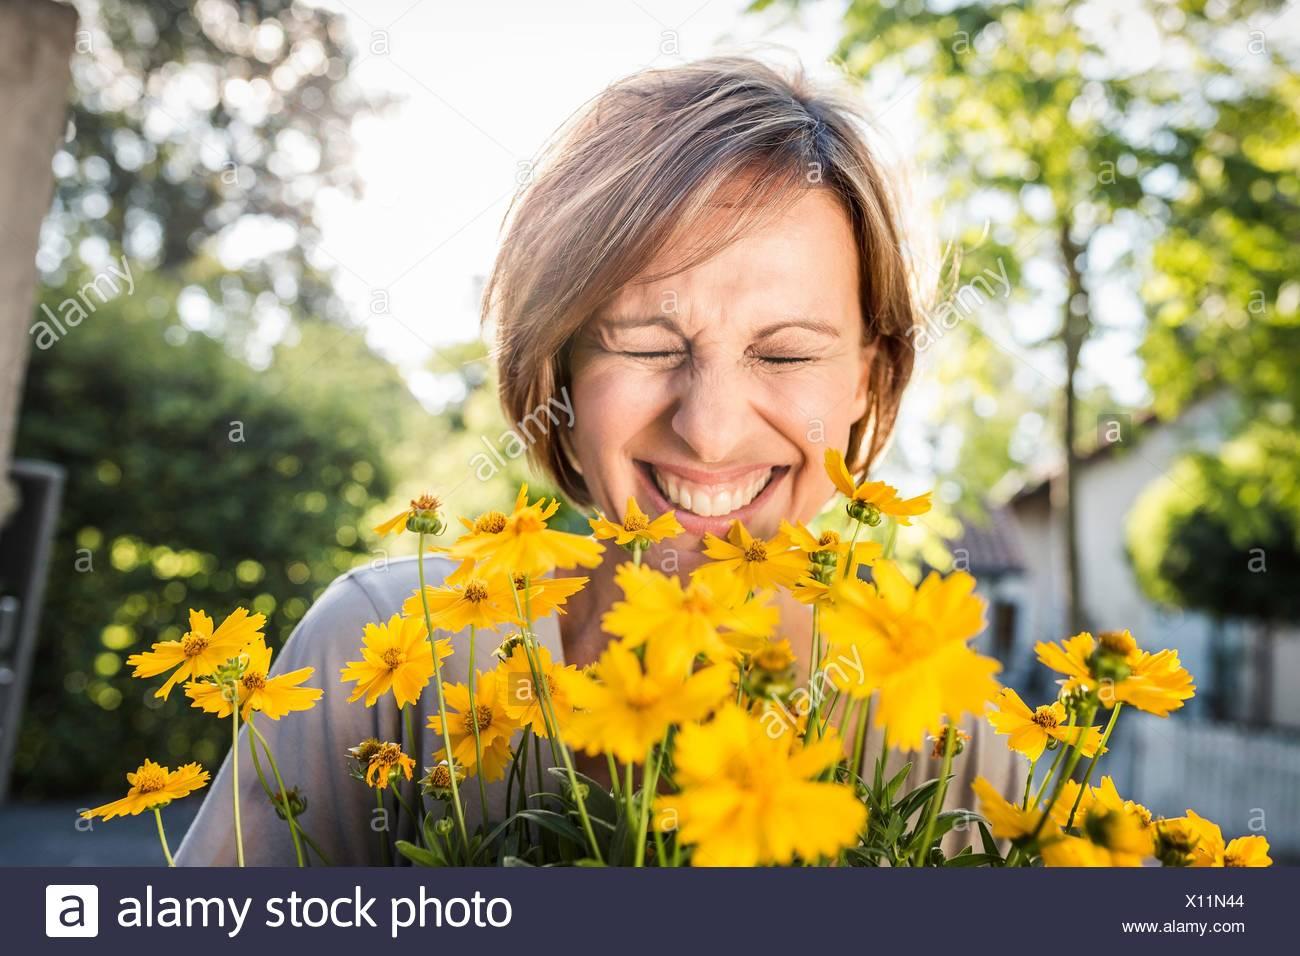 Portrait de femme mature avec des fleurs jaunes Photo Stock